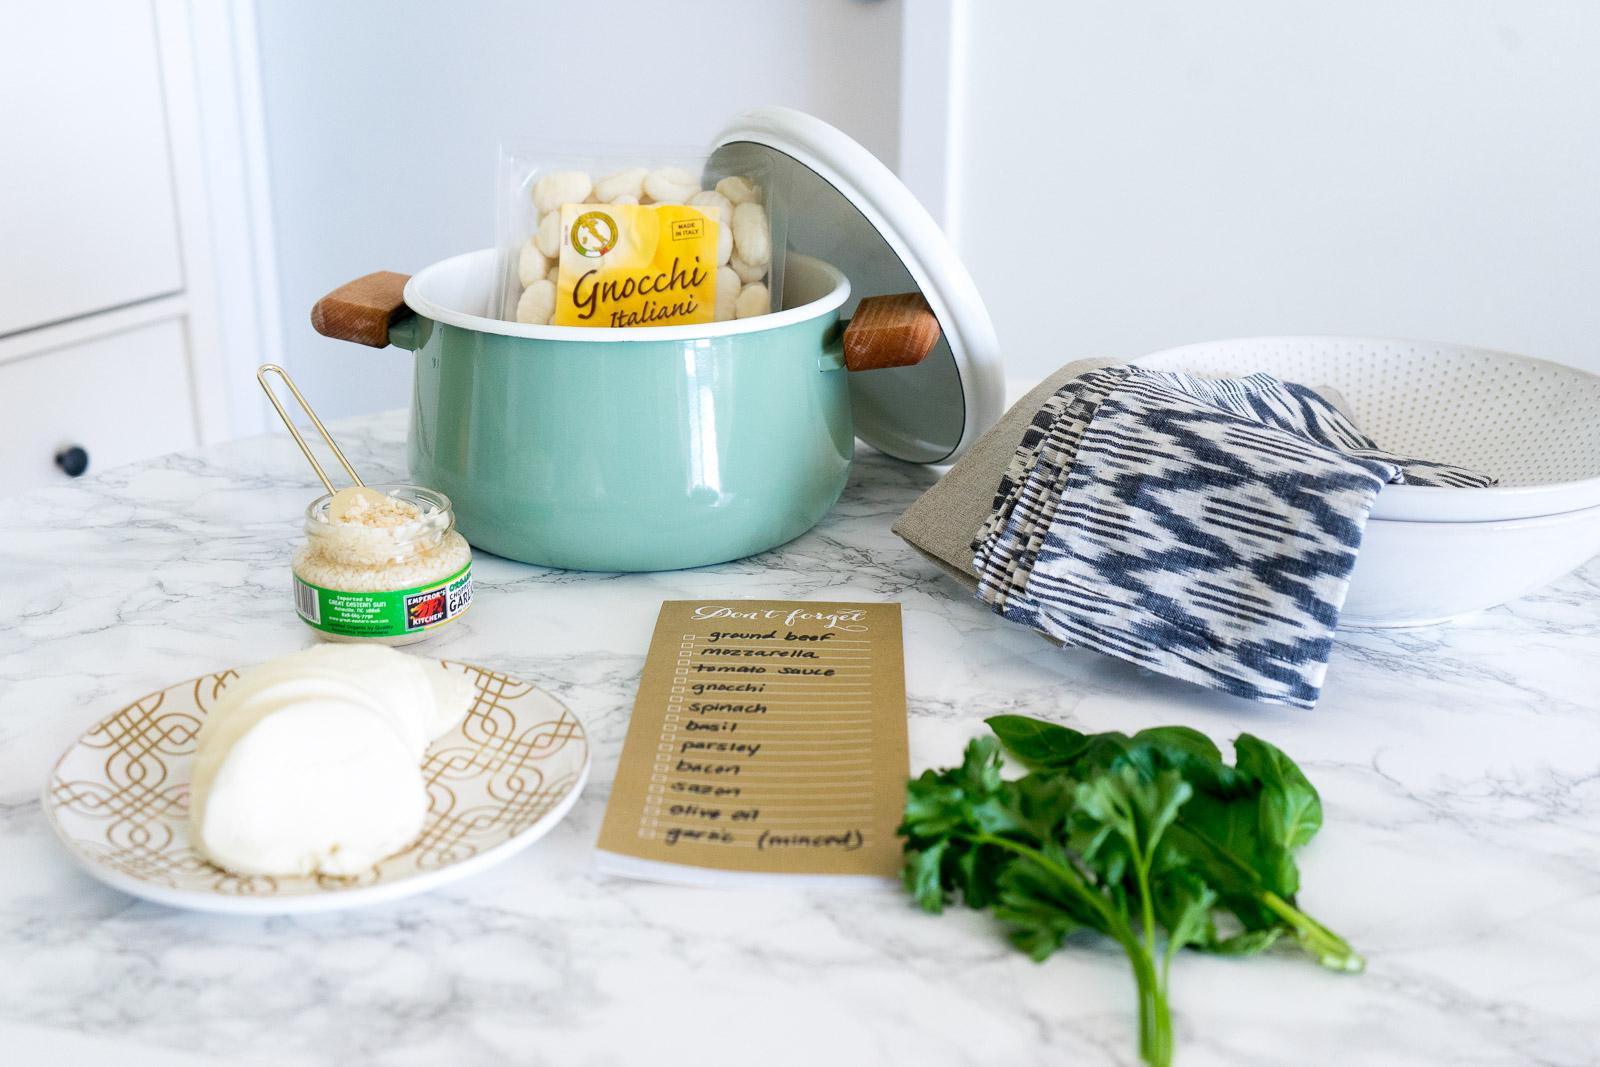 gnoochi-bake-recipe-casa-de-fallon-recipe-1-2.jpg